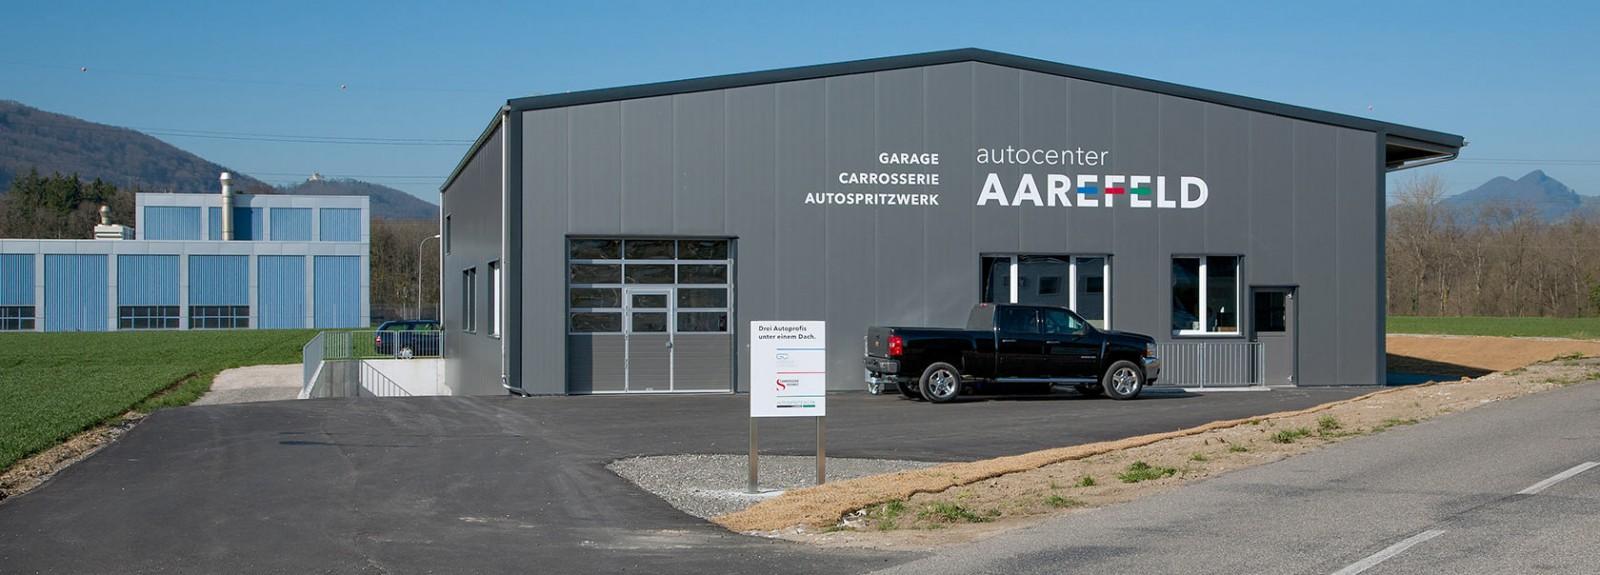 Autocenter Aarefeld